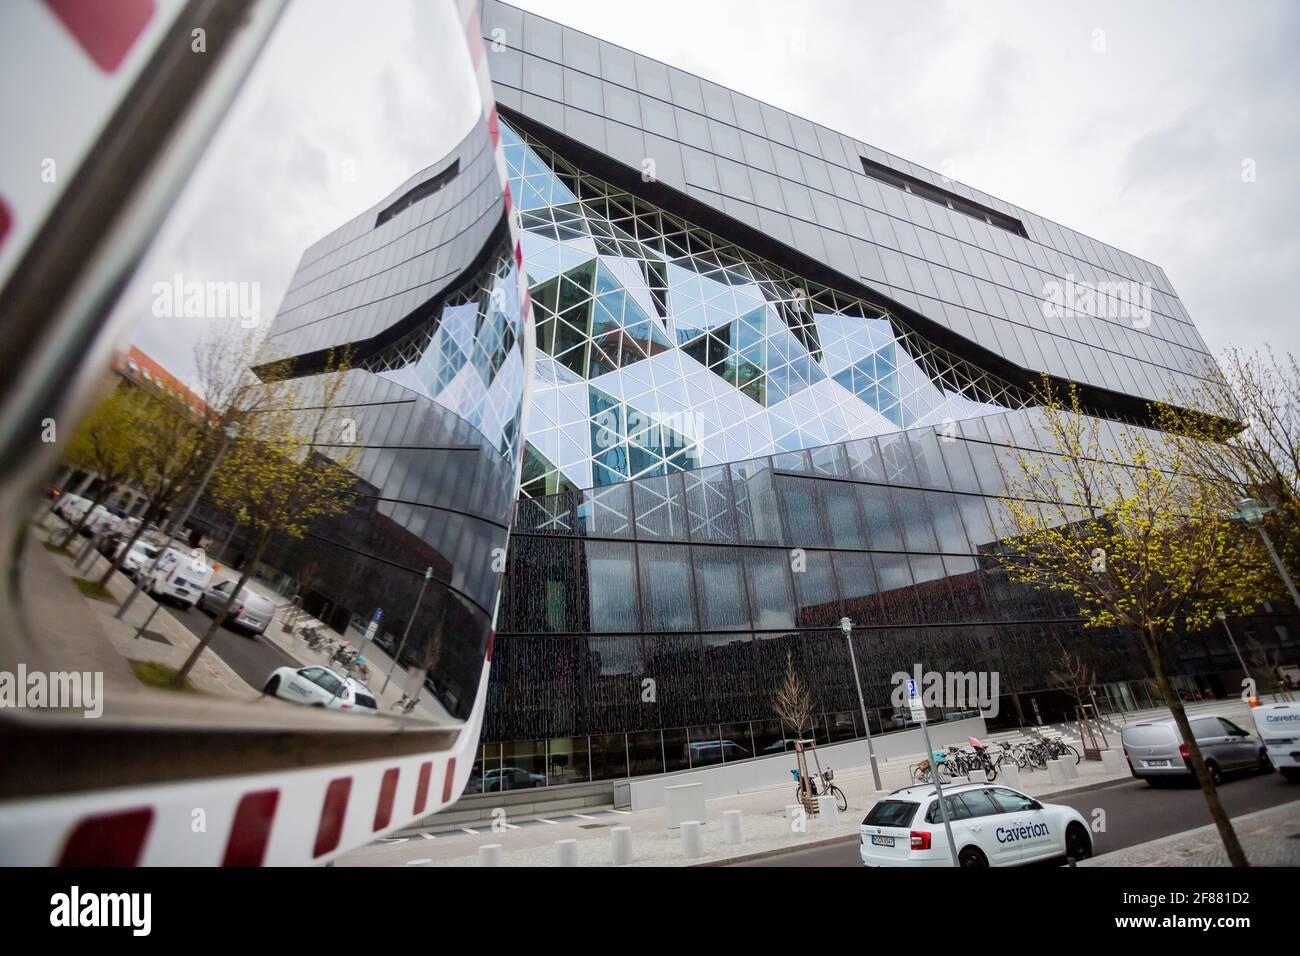 Berlin, Allemagne. 12 avril 2021. Le nouveau bâtiment Axel Springer se reflète dans un miroir de rue. Credit: Christoph Soeder/dpa/Alay Live News Banque D'Images